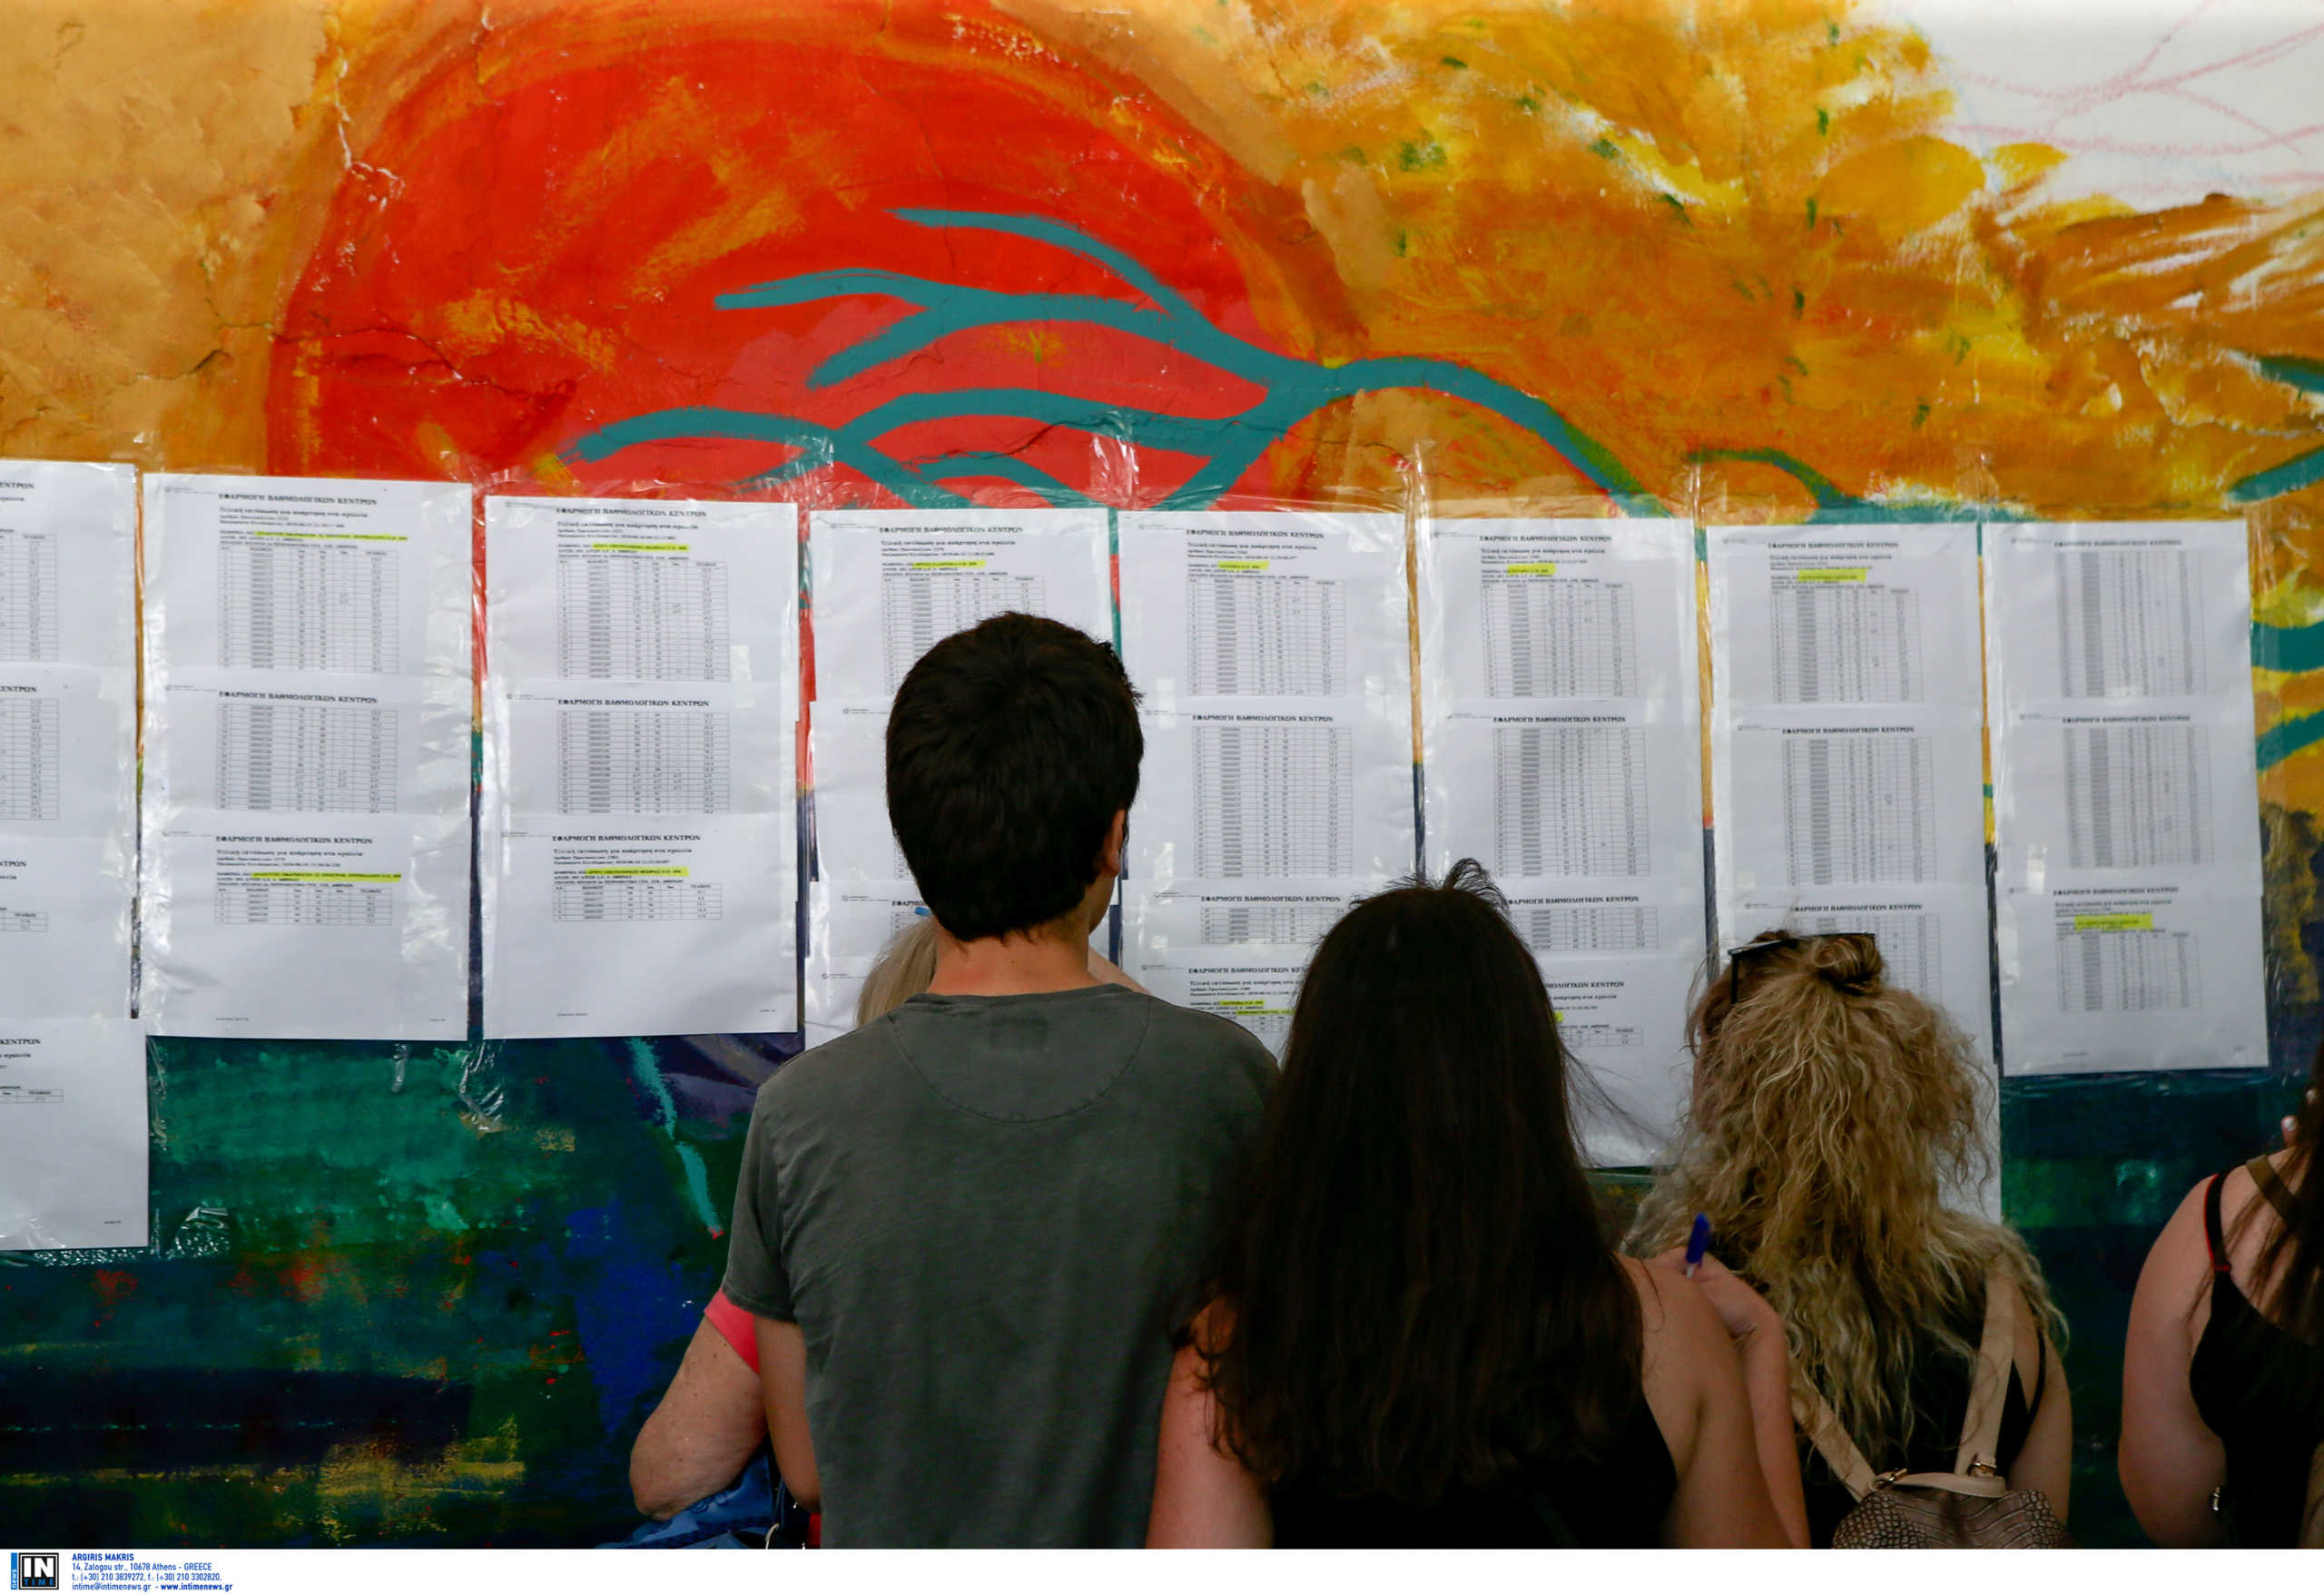 Εγγραφή πρωτοετών στο eregister.it.minedu.gov.gr για τα Πανεπιστήμια – Όλα τα βήματα της διαδικασίας